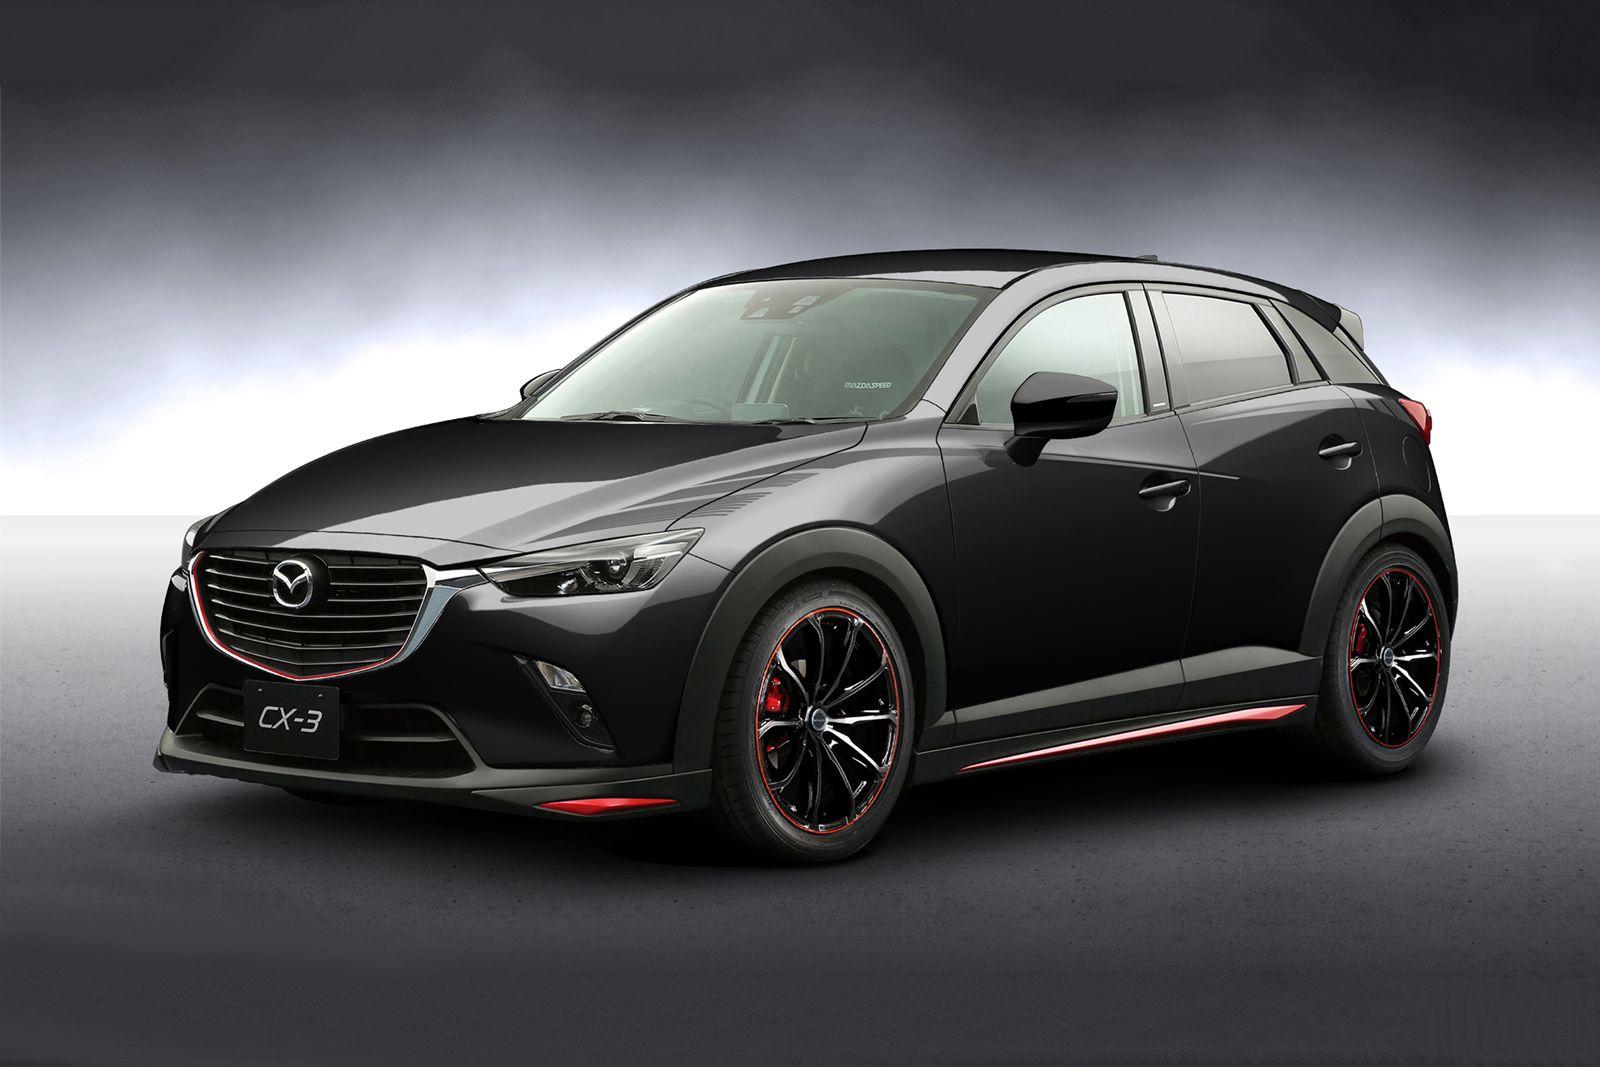 Mazda Reveals Its Upcoming Racing Concept Vehicles For Tas 2016 In 2020 Mazda Cars Mazda Cx3 Mazda